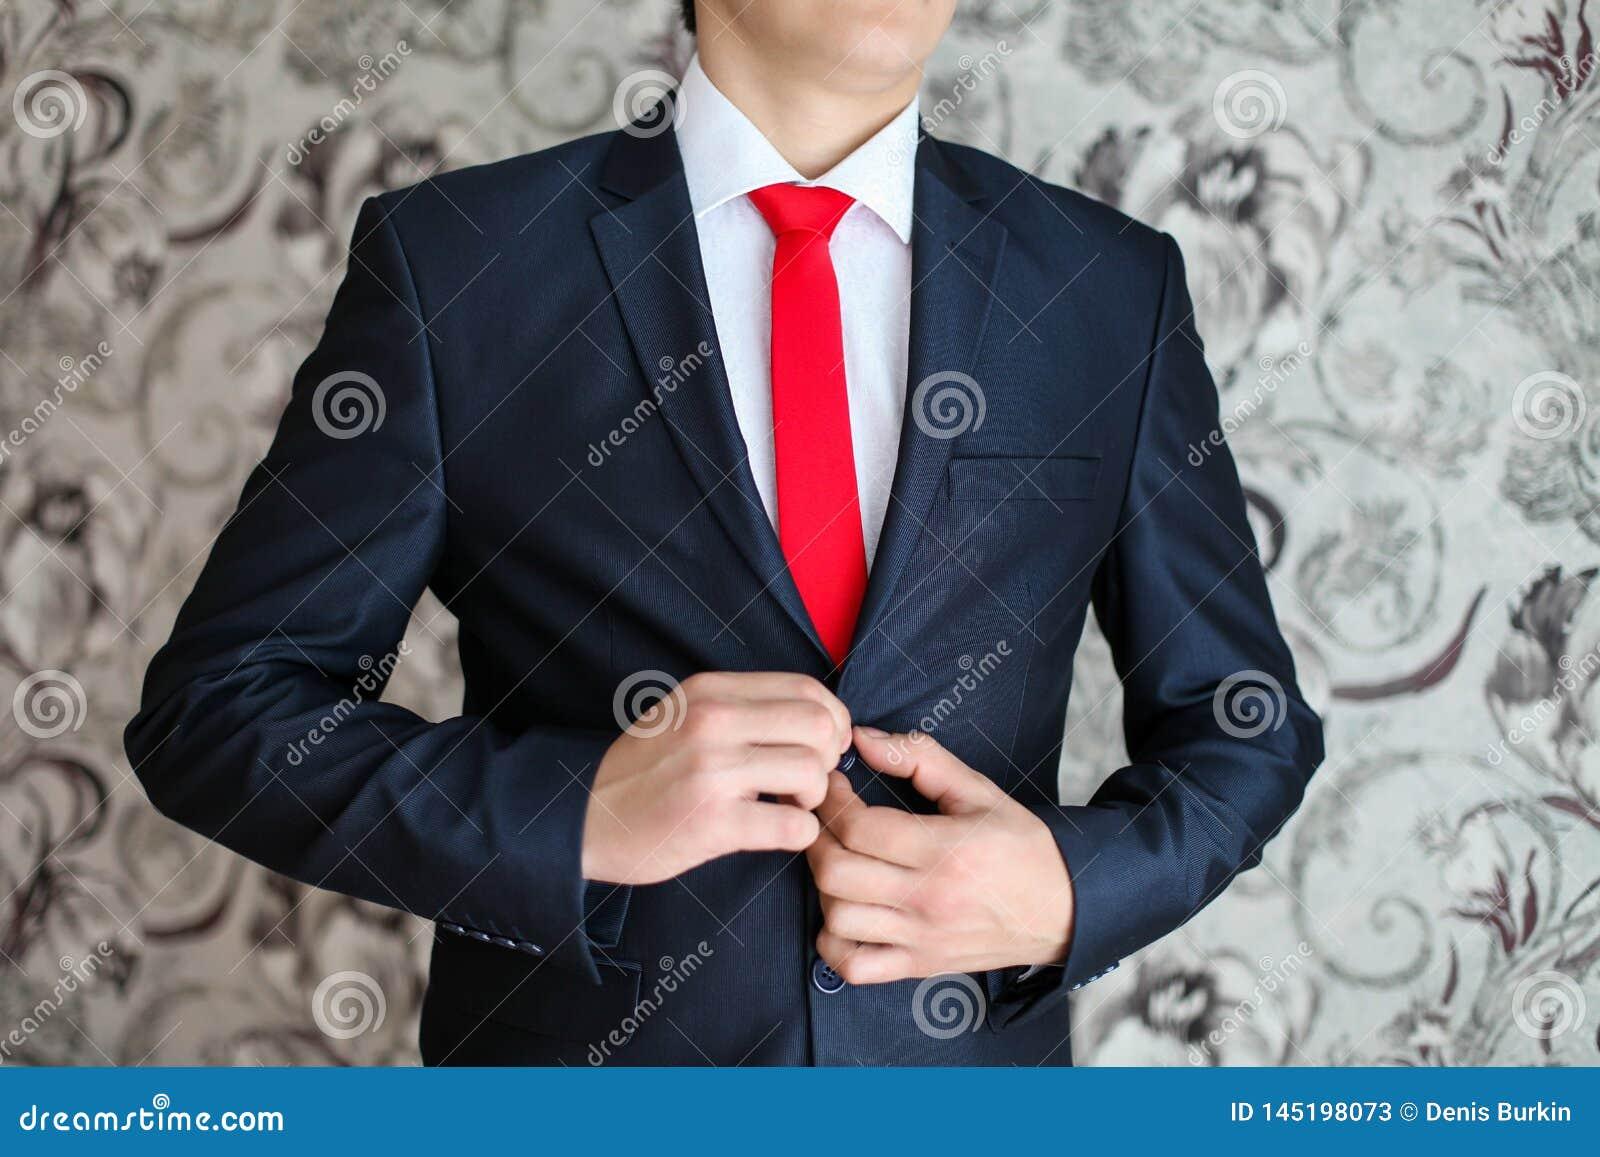 Biznesmen w czarnym kostiumu i czerwonym krawacie M?drze przypadkowy str